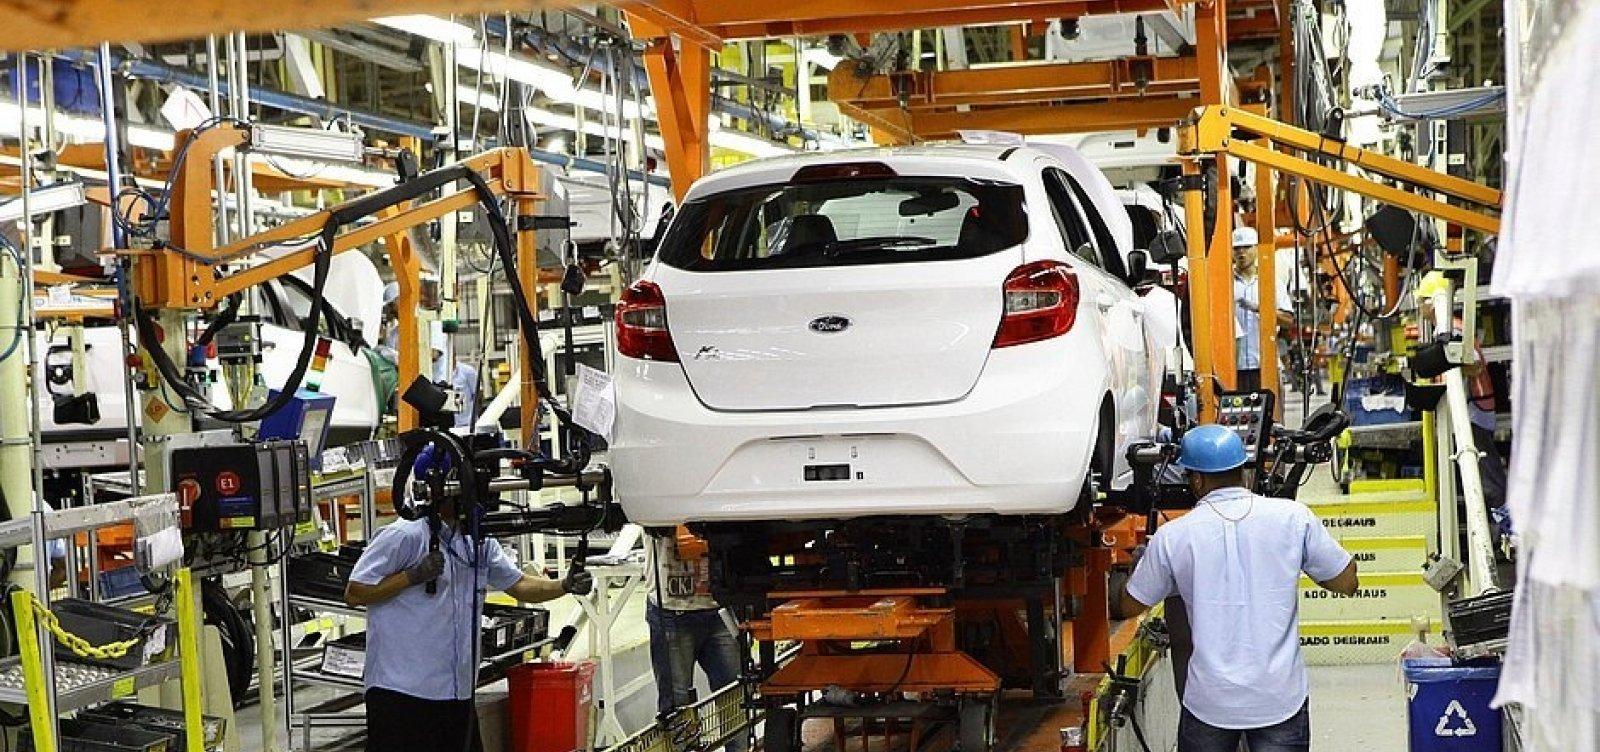 [EUA abrem investigação criminal sobre certificação de emissões da Ford]